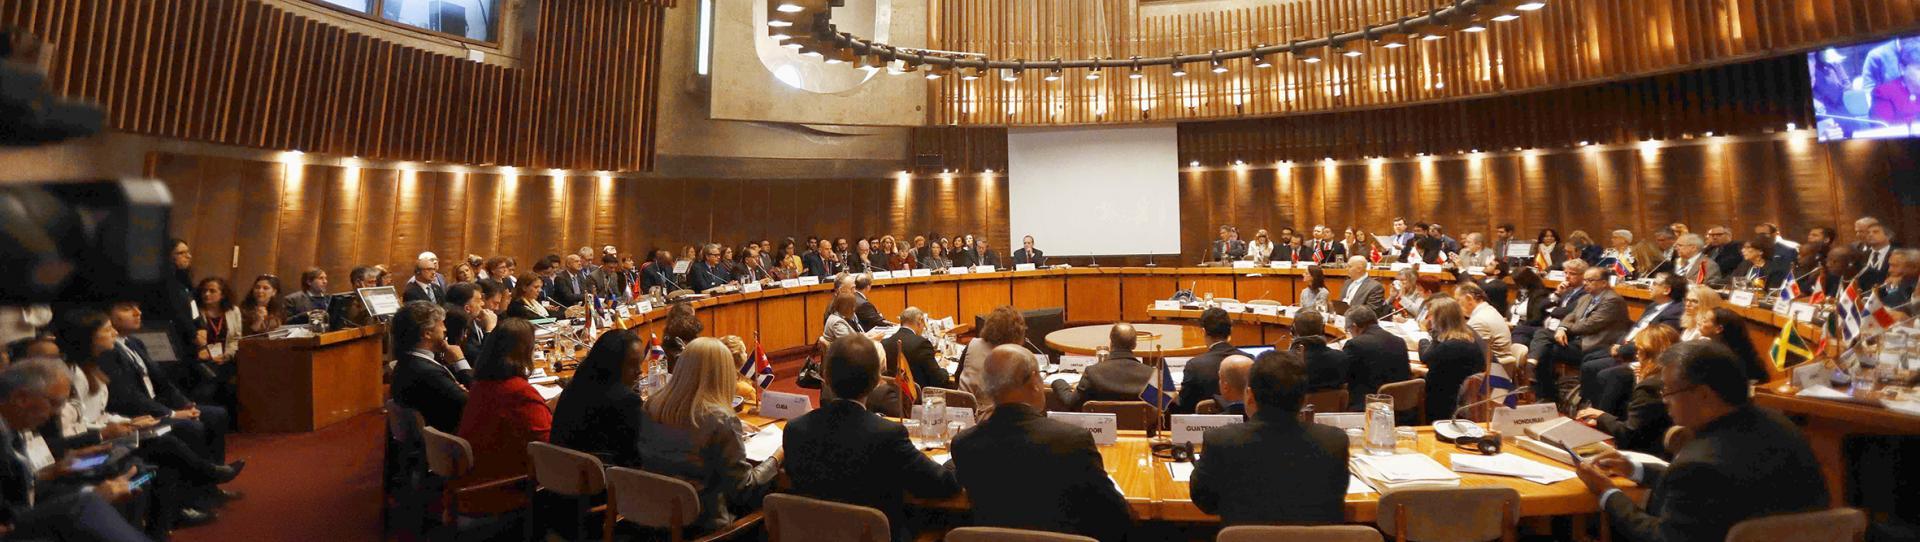 Cumplimiento de la Agenda 2030 -Reunión Foro